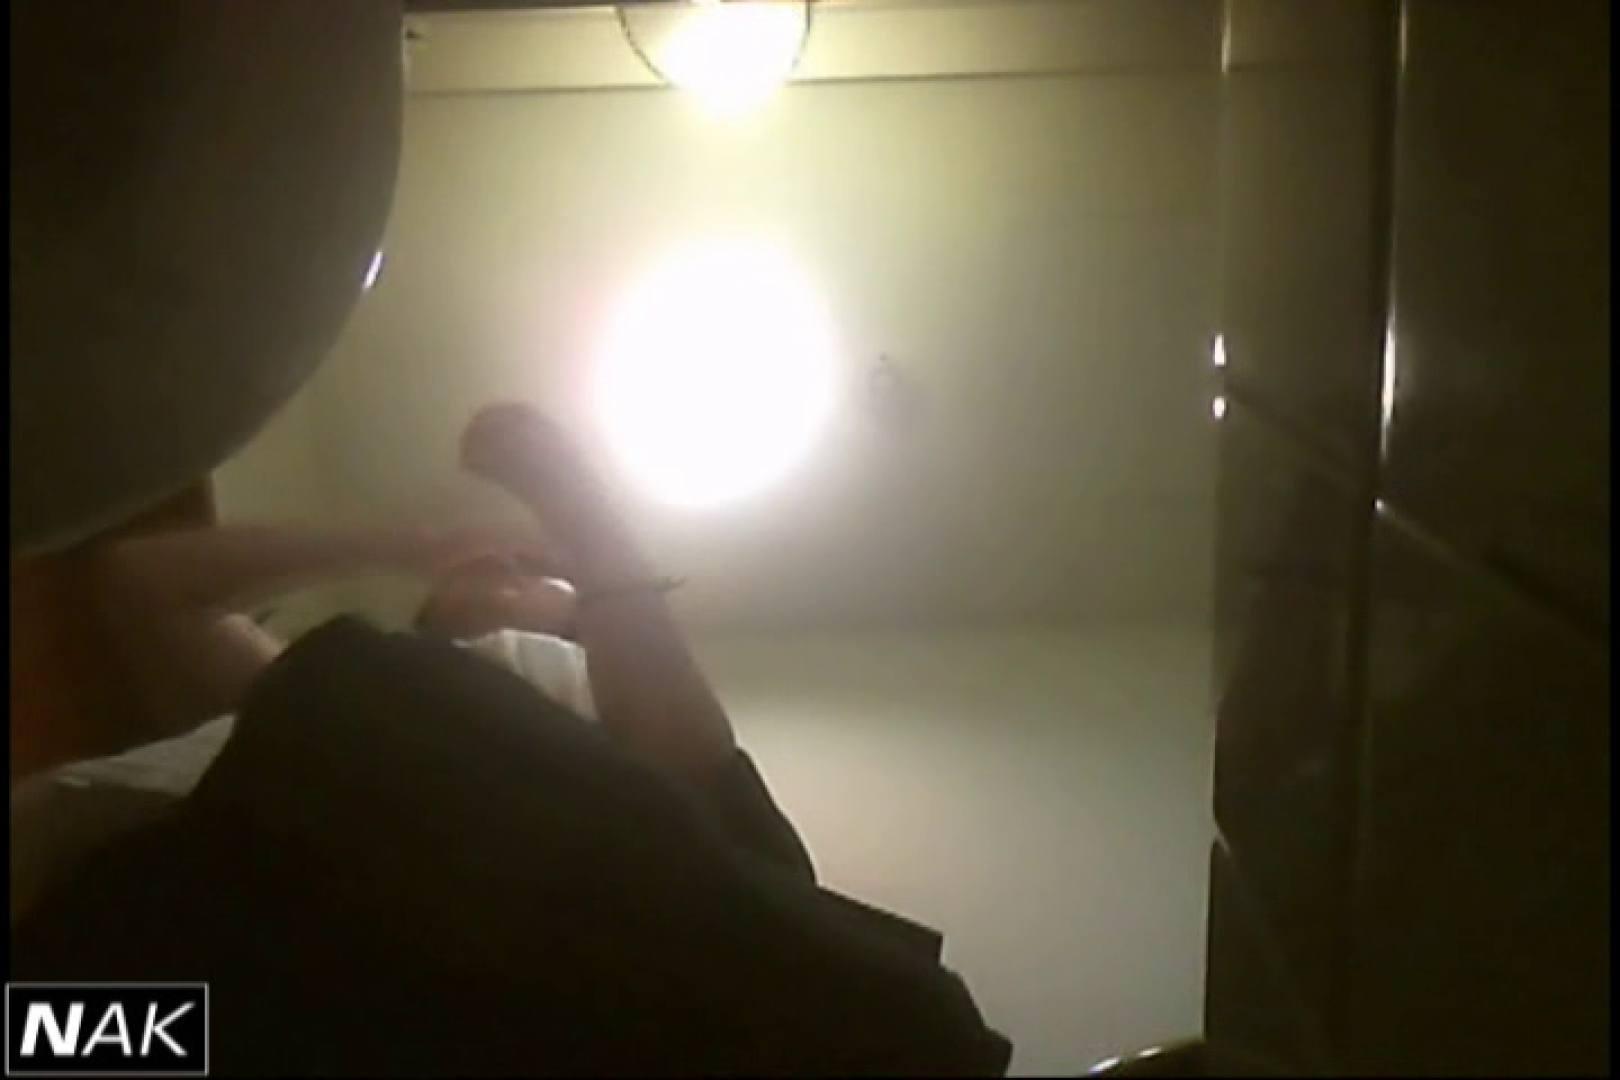 亀さんかわや VIP和式2カメバージョン! vol.06 和式 オメコ動画キャプチャ 11枚 11